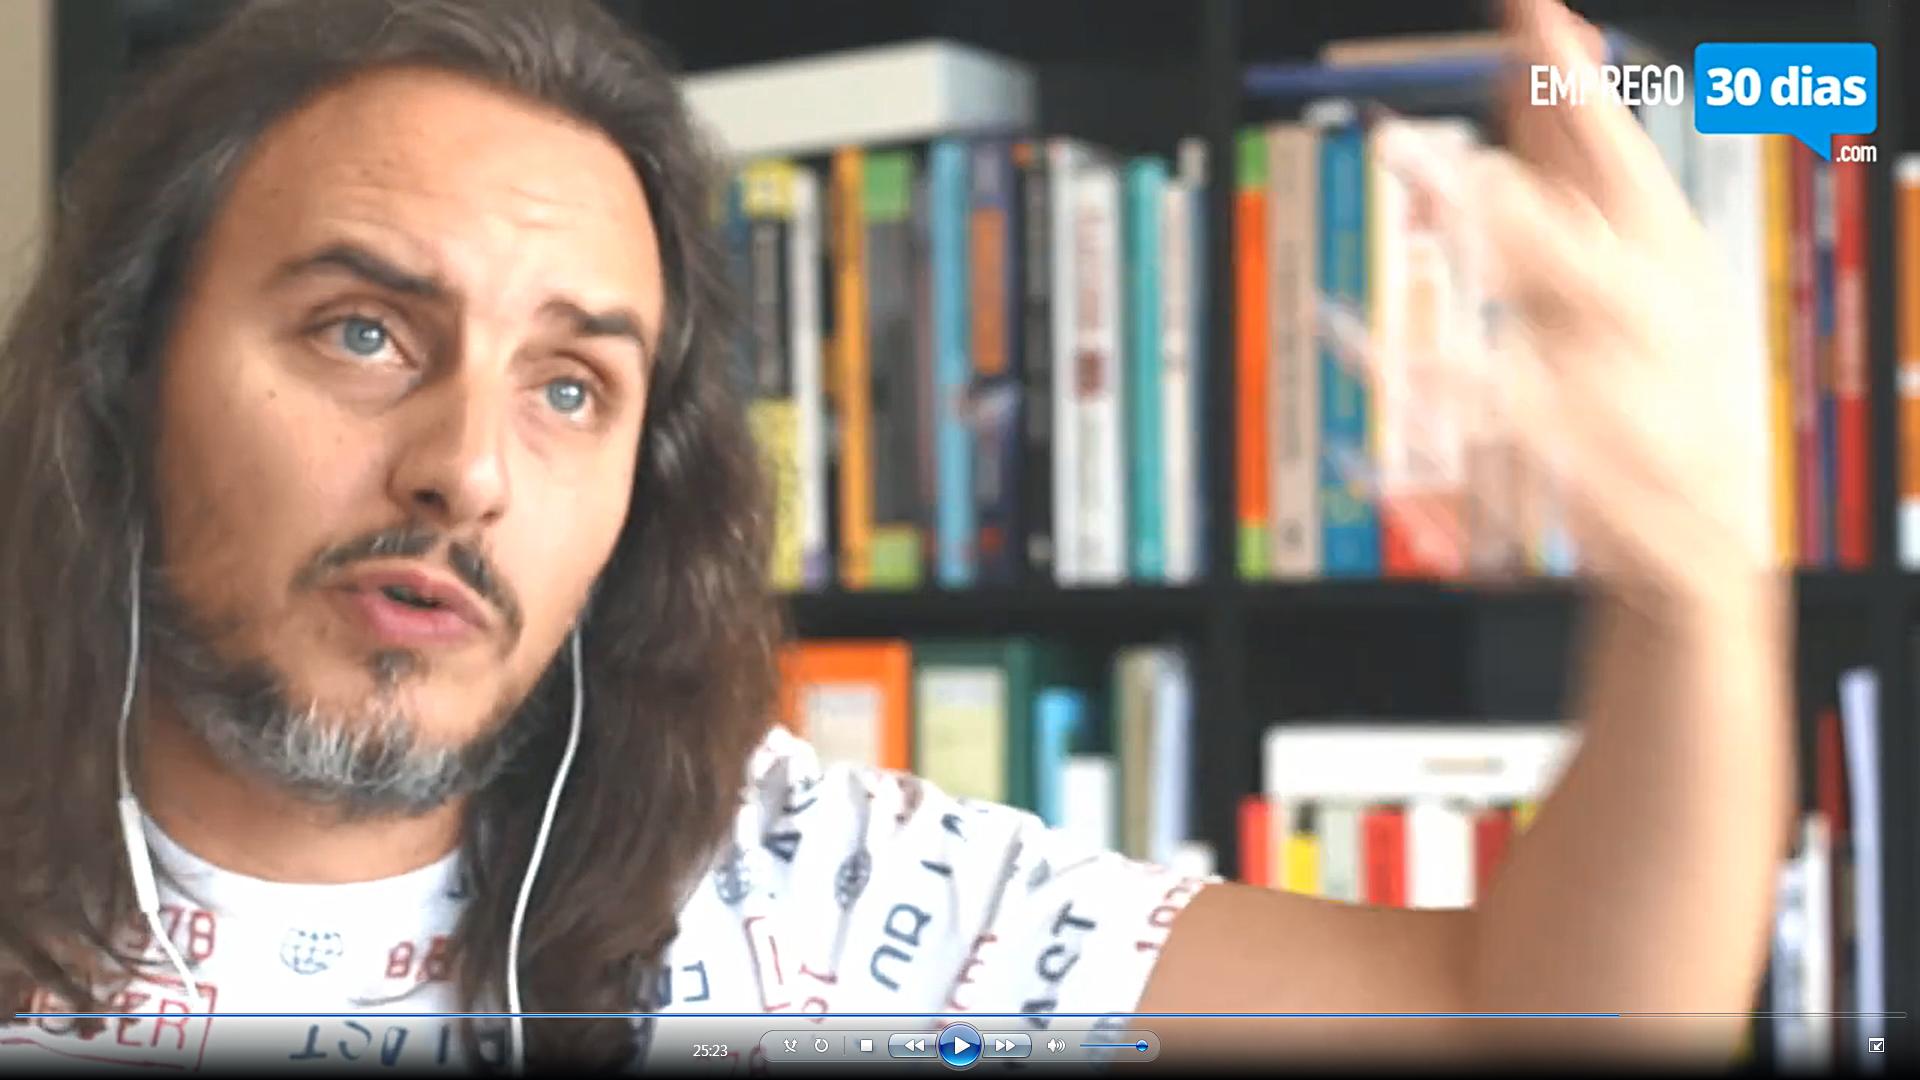 emprego 30 dias - video 25_3 - Pedro Silva-Santos